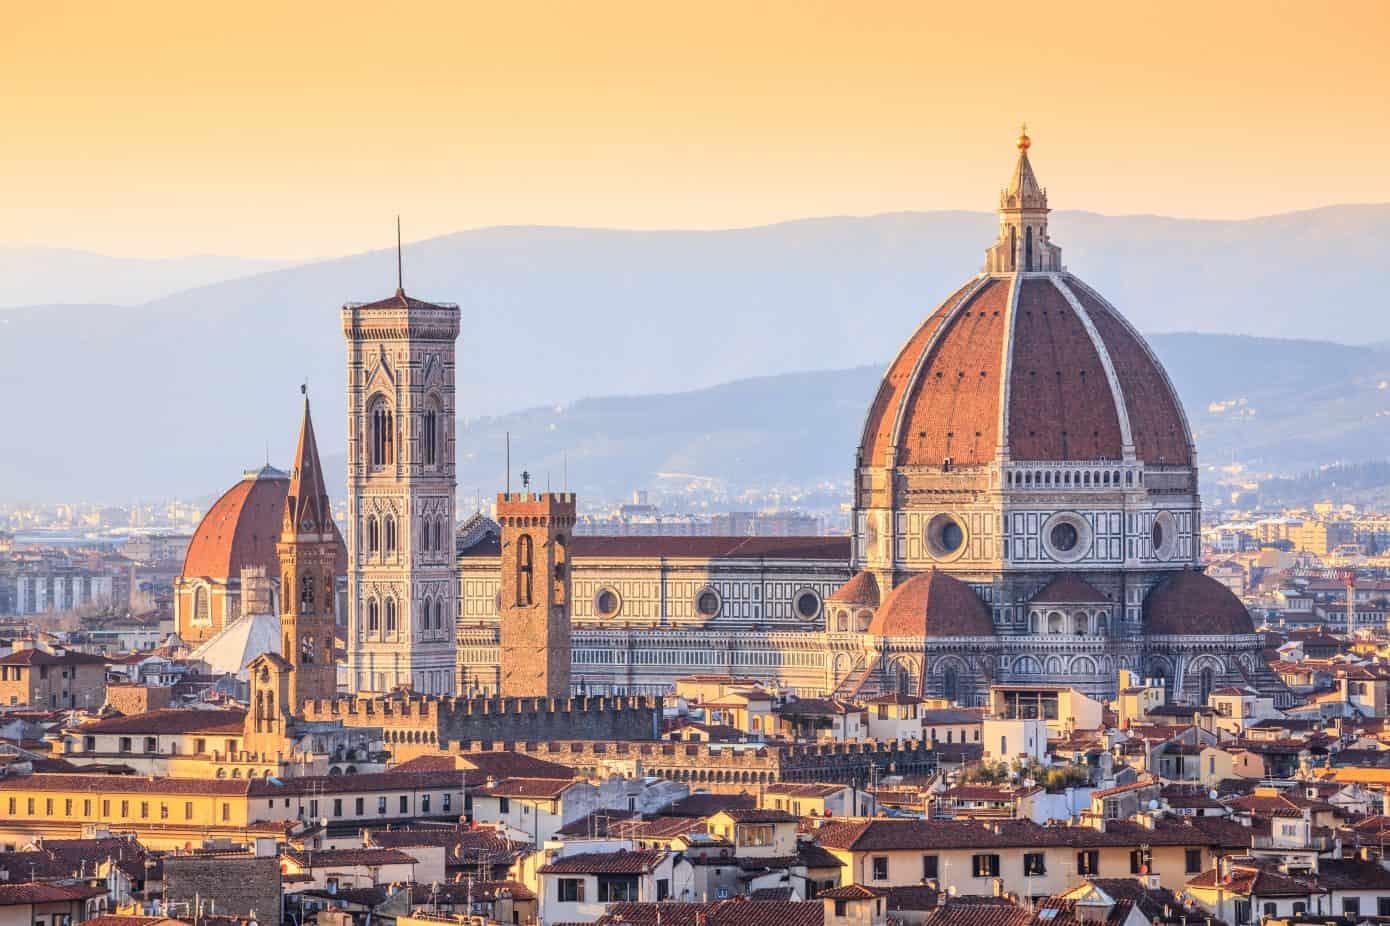 f3c5492a0b594 Cupola del Brunelleschi - Visitare Firenze. Biglietti salta coda